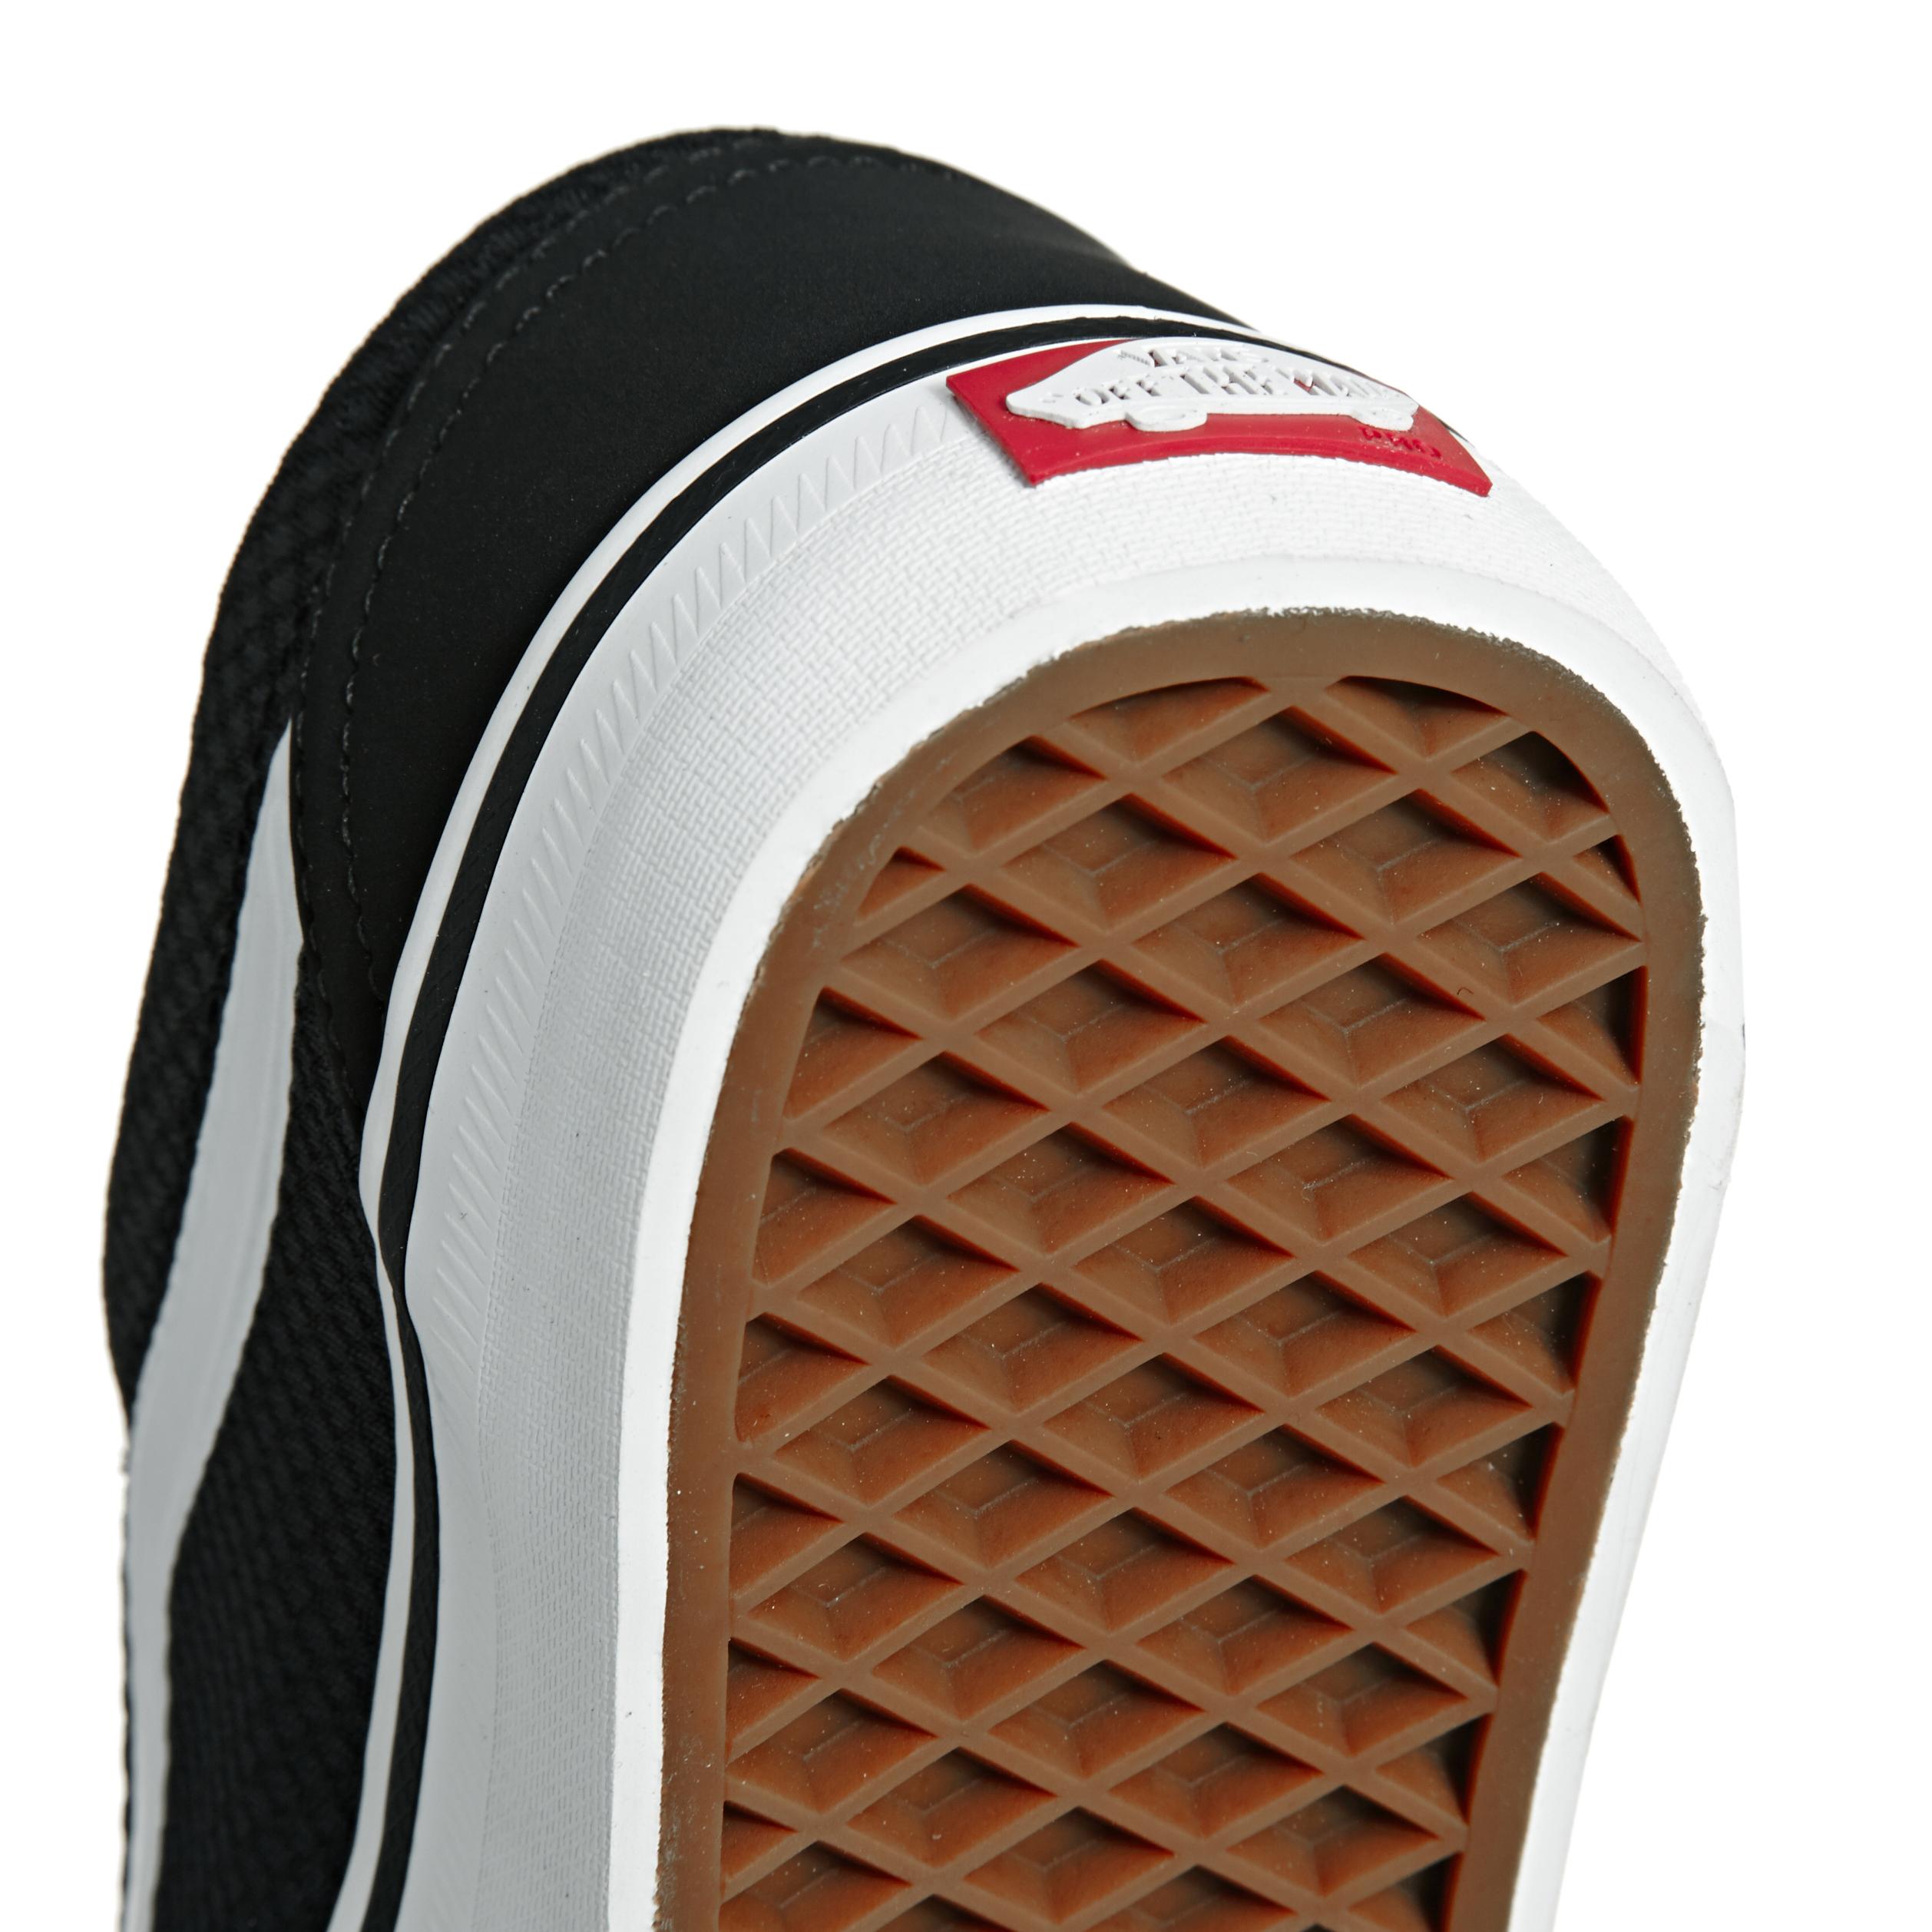 Calzado Vans AVE Rapidweld Pro Lite | Envío gratuito* para